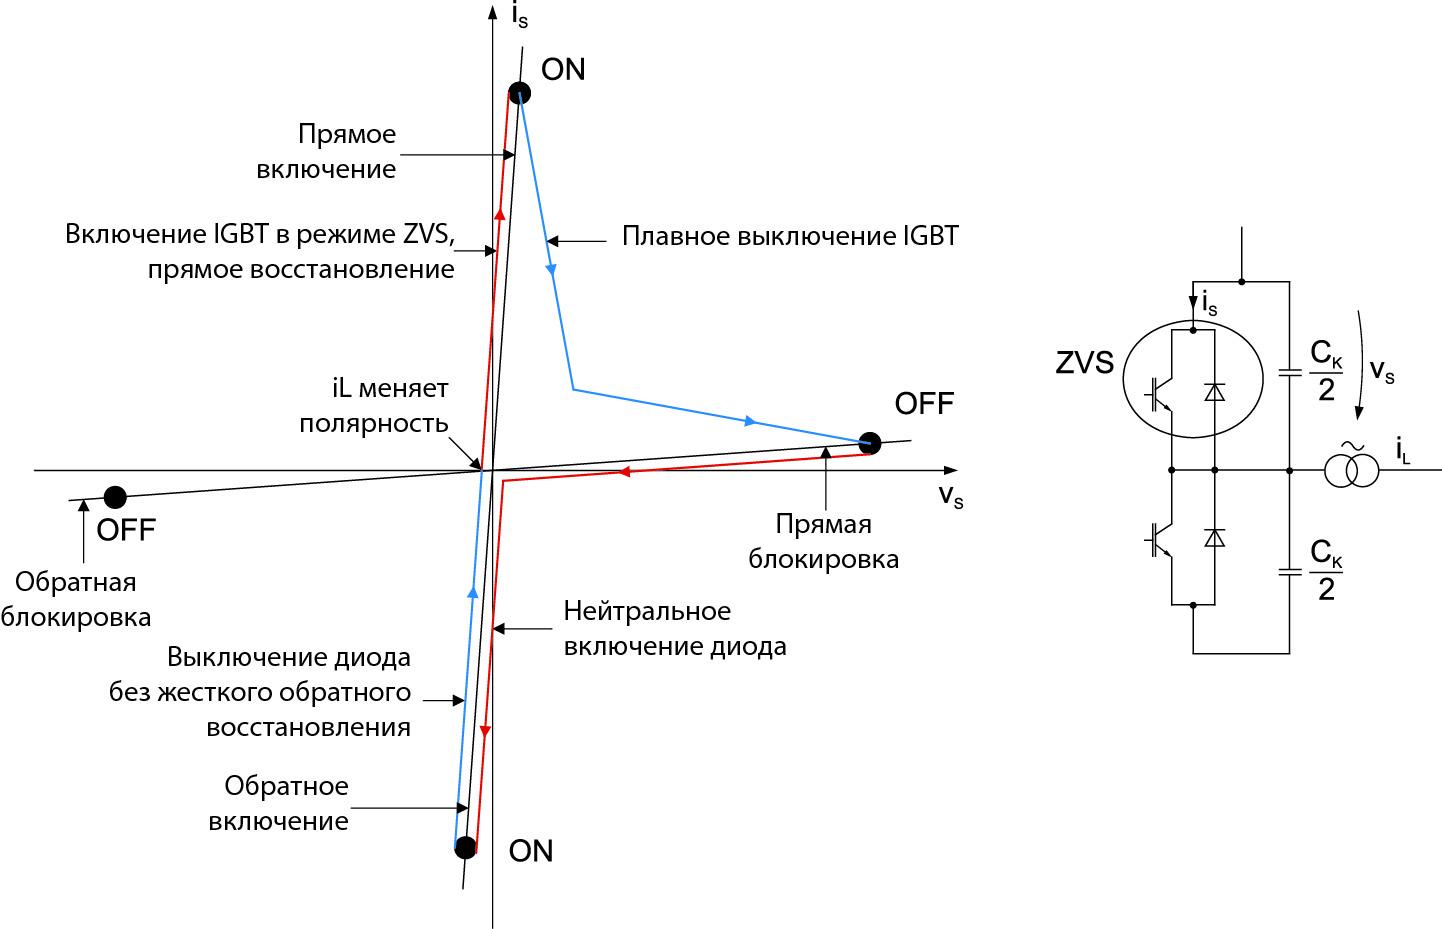 Рабочая характеристика при мягкой/резонансной коммутации тока и напряжения (ZVS)